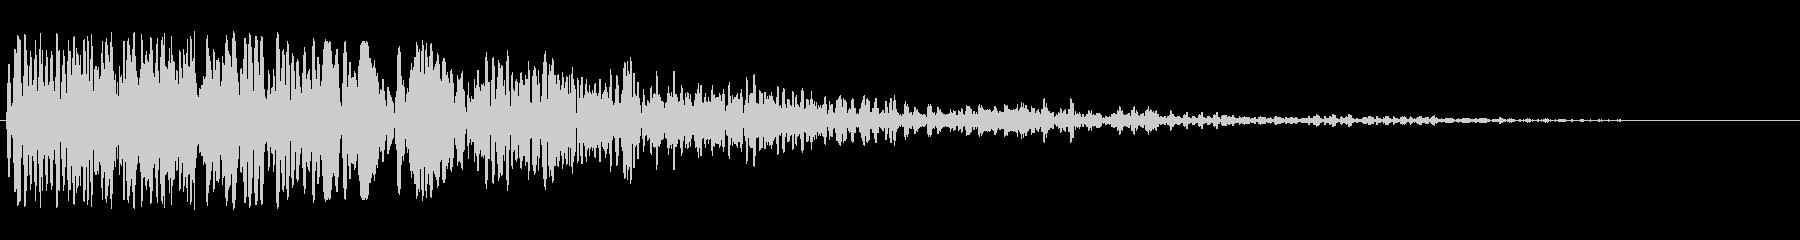 ビューン(スピード感19)の未再生の波形